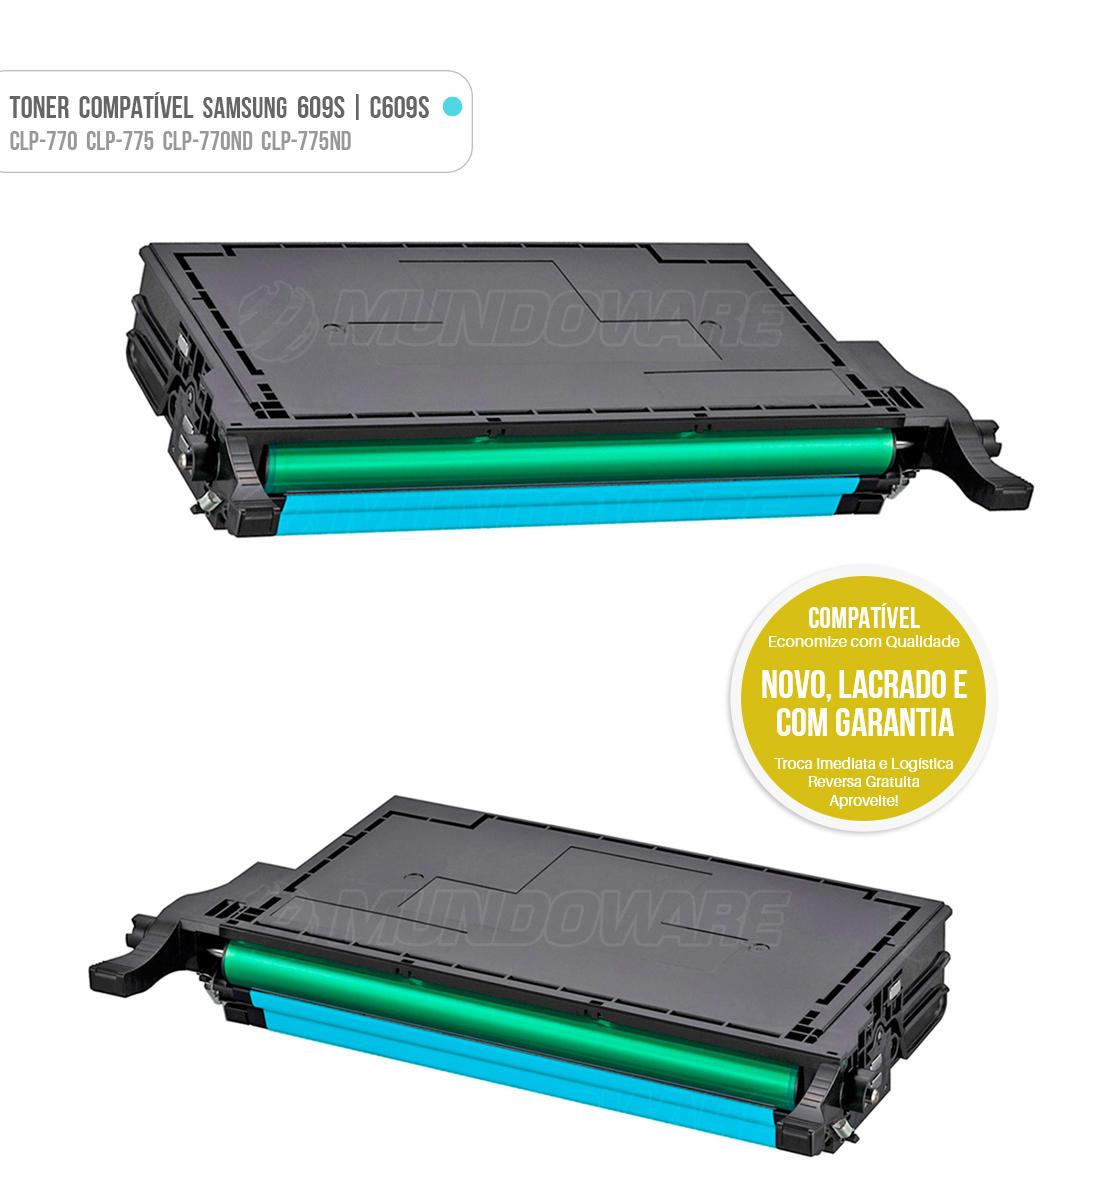 Toner Ciano Compatível com CLT609 C609S 609S para impressora Samsung CLP-770 CLP-775 CLP-770ND CLP-775ND CLP770 CLP775 CLP770ND CLP775ND Tonner